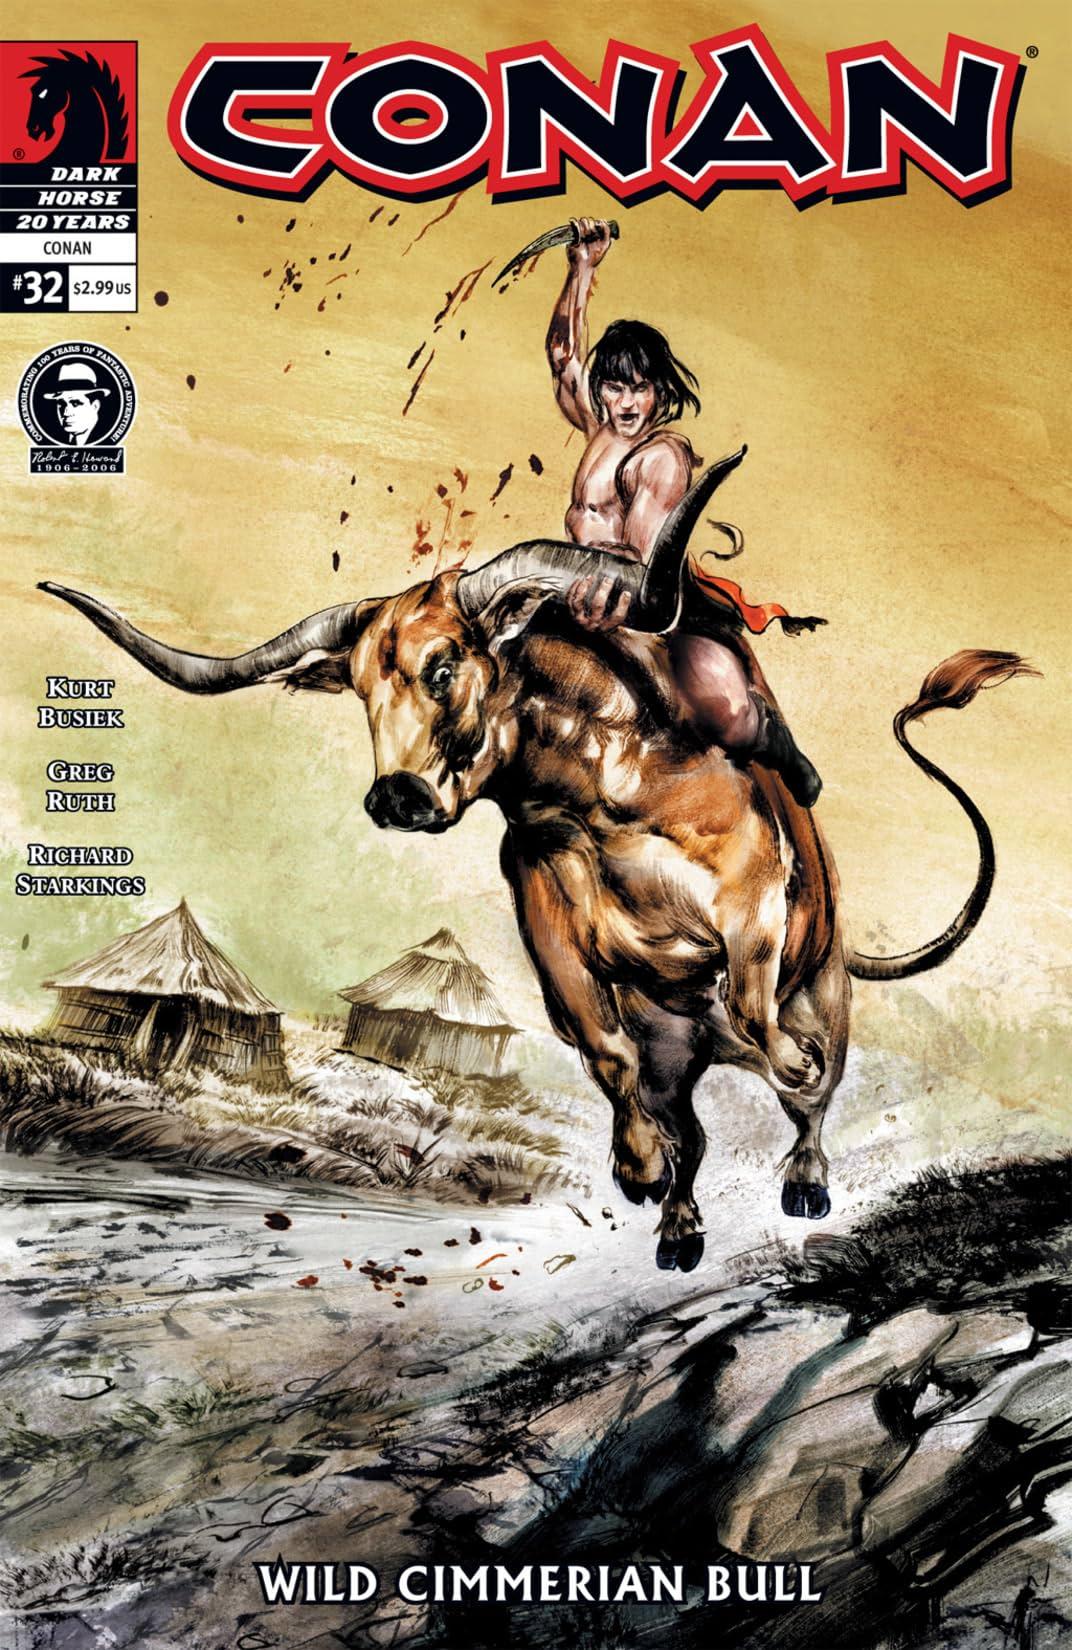 Conan #32